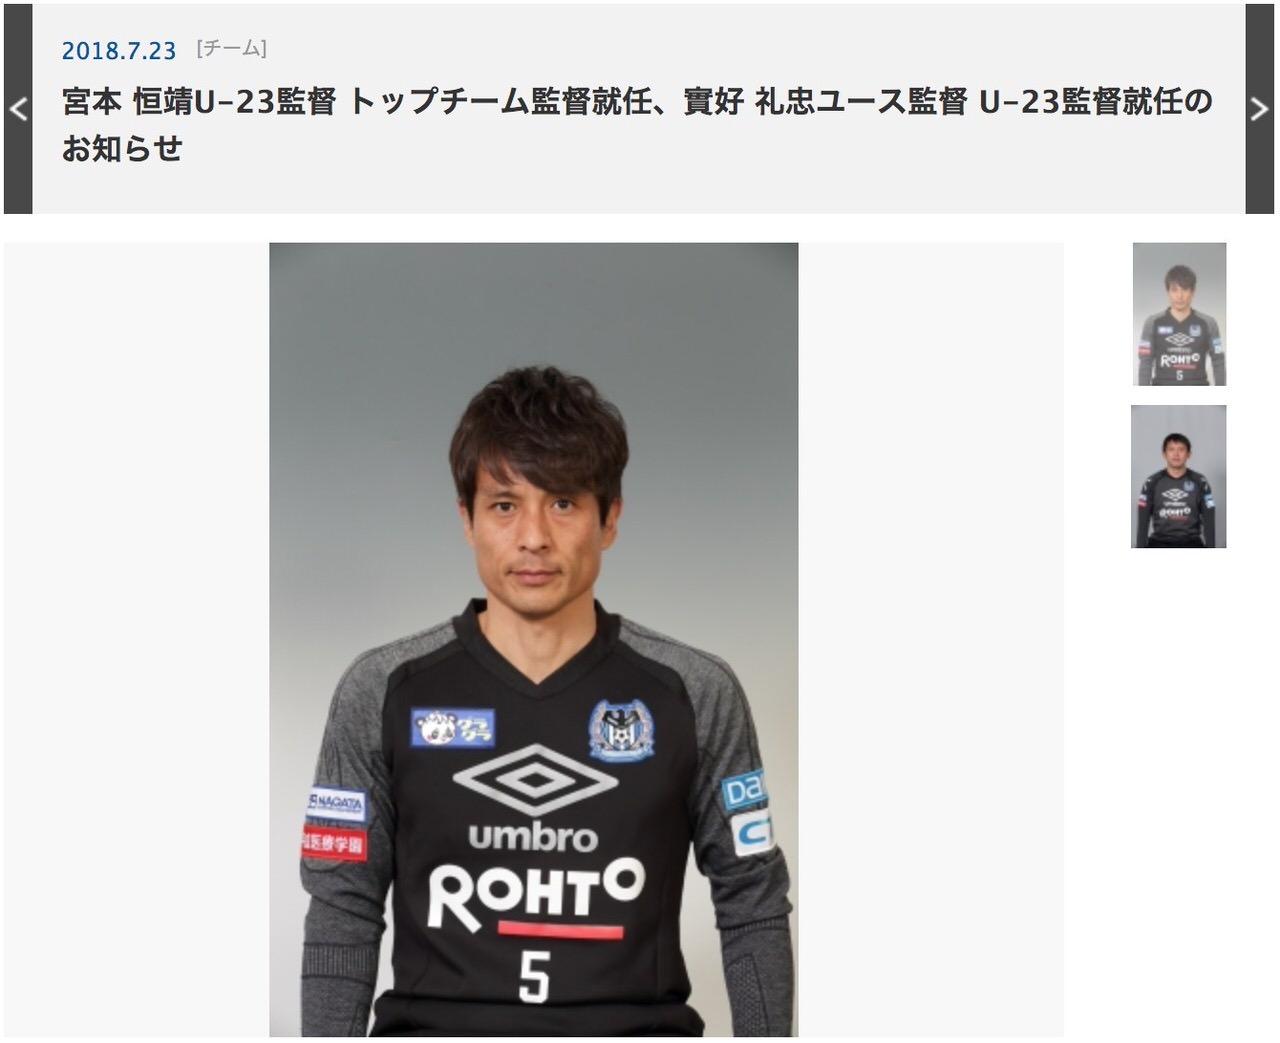 ガンバ大阪、クルピ監督を解任し新監督に宮本恒靖が就任と発表